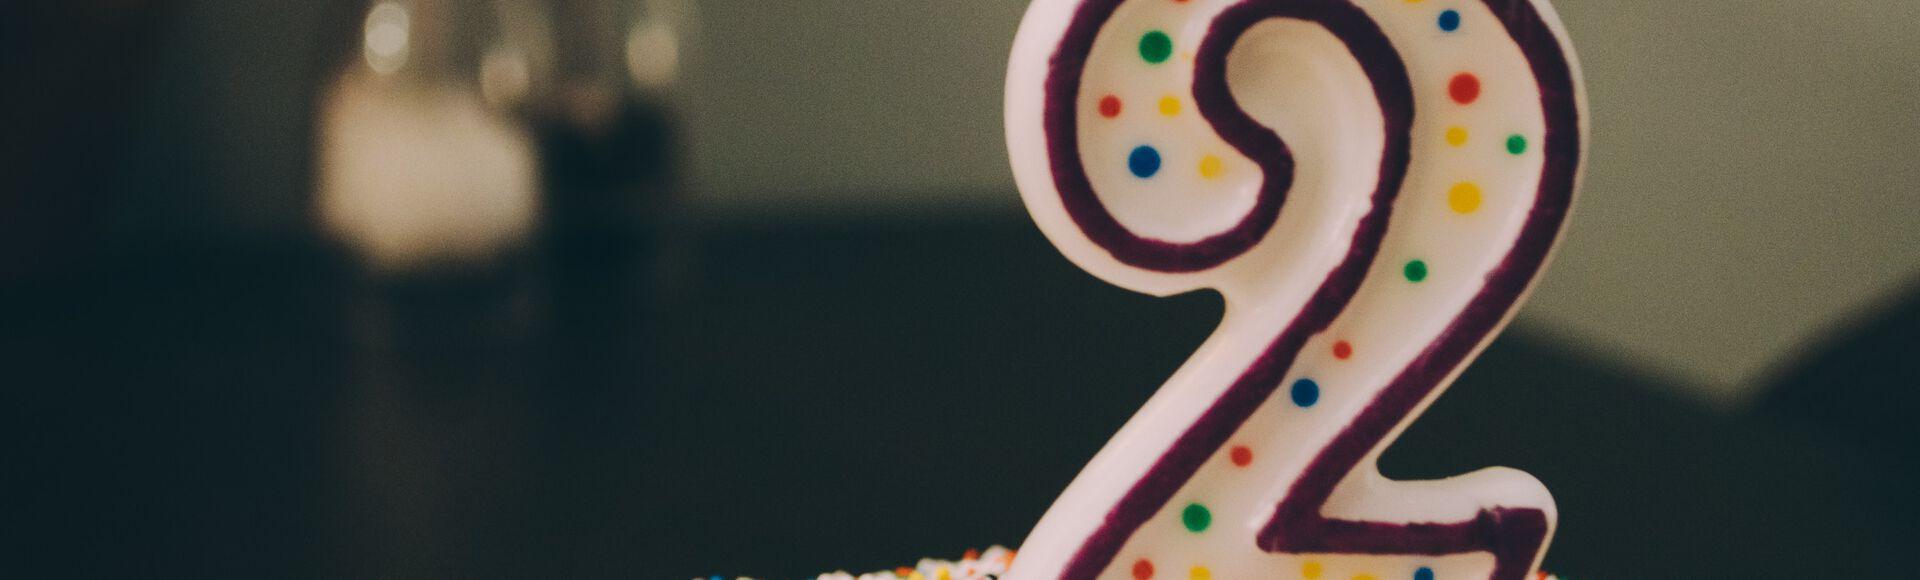 Bebê completa 2 anos de idade e ganha bolo de aniversário